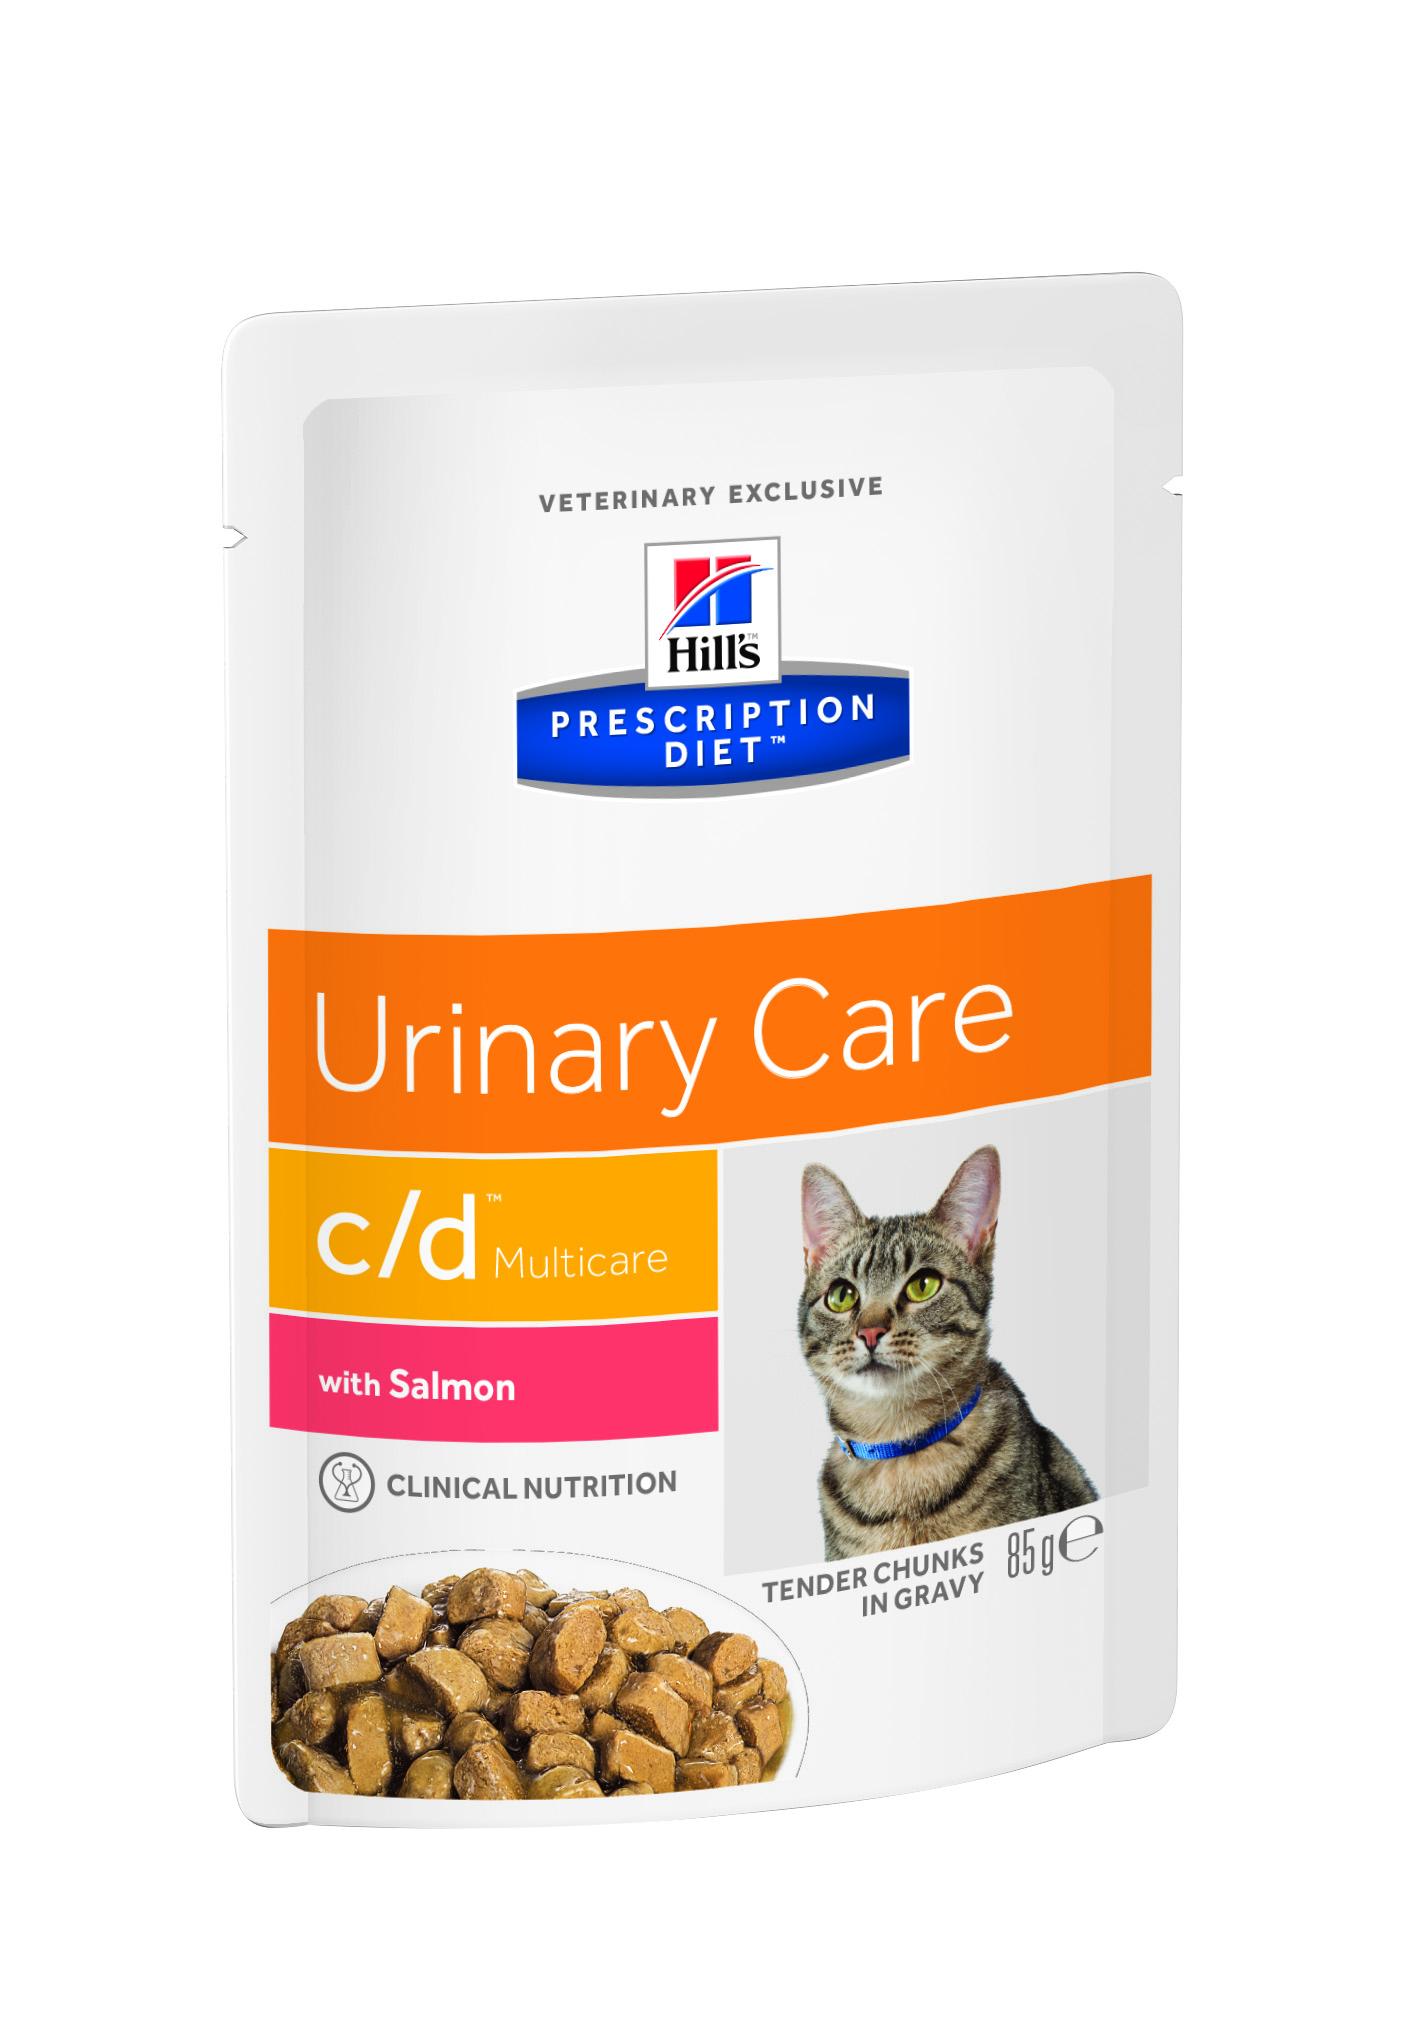 Консервы диетические для кошек Hills C/D, профилактика МКБ, струвитов, с лососем, 85 г3408Консервы для кошек Hills C/D - полноценный диетический рацион для кошек при урологическом синдроме (для снижения вероятности рецидивов струвитного уролитиаза). Рацион обладает закисляющими мочу свойствами и содержит умеренный уровень магния. Рекомендации по кормлению: суточная норма кормления указана на упаковке и должна быть рассчитана в соответствии с размером животного, чтобы поддерживать оптимальный вес. Суточную норму можно разделить на 2 и более кормлений в день. Рекомендуемая продолжительность диетотерапии: до 6 месяцев. Обеспечьте питомца постоянным свободным доступом к свежей воде. Состав: зерновые злаки, мясо и производные животного происхождения, рыба и рыбные производные, экстракты растительного белка, различные сахара, яйцо и его производные, производные растительного происхождения, масла и жиры, минералы. Подкисляющее мочу вещество: DL-метионин. Анализ: белок 9,1%, жир 4,5%, клетчатка 0,2%, зола 1,2%, влага 78,3%,...